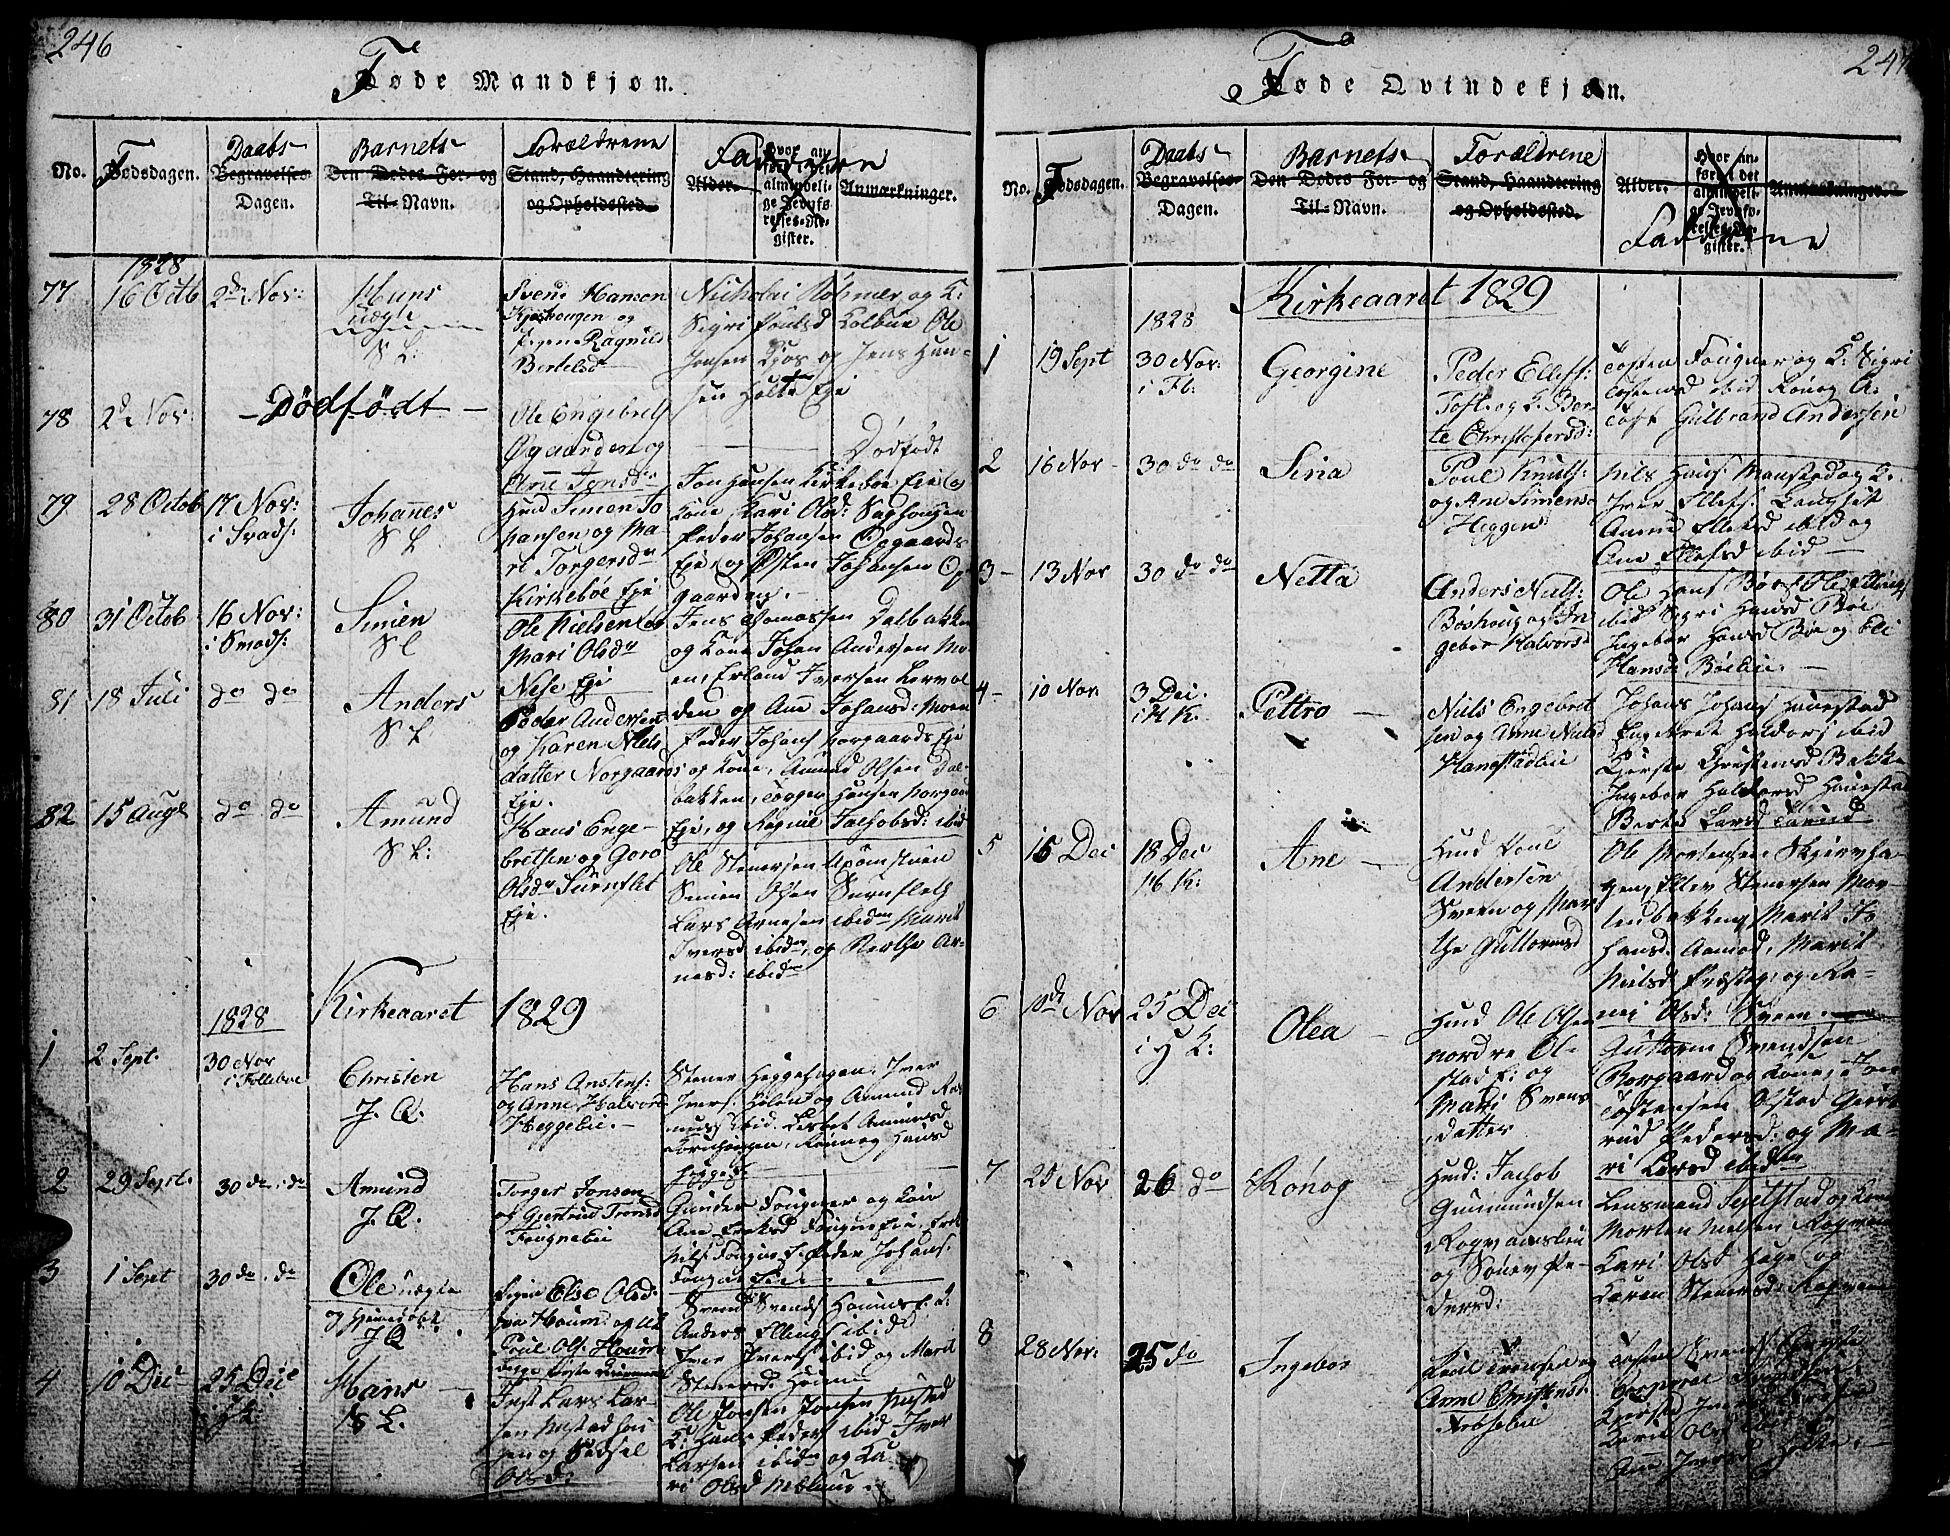 SAH, Gausdal prestekontor, Klokkerbok nr. 1, 1817-1848, s. 246-247